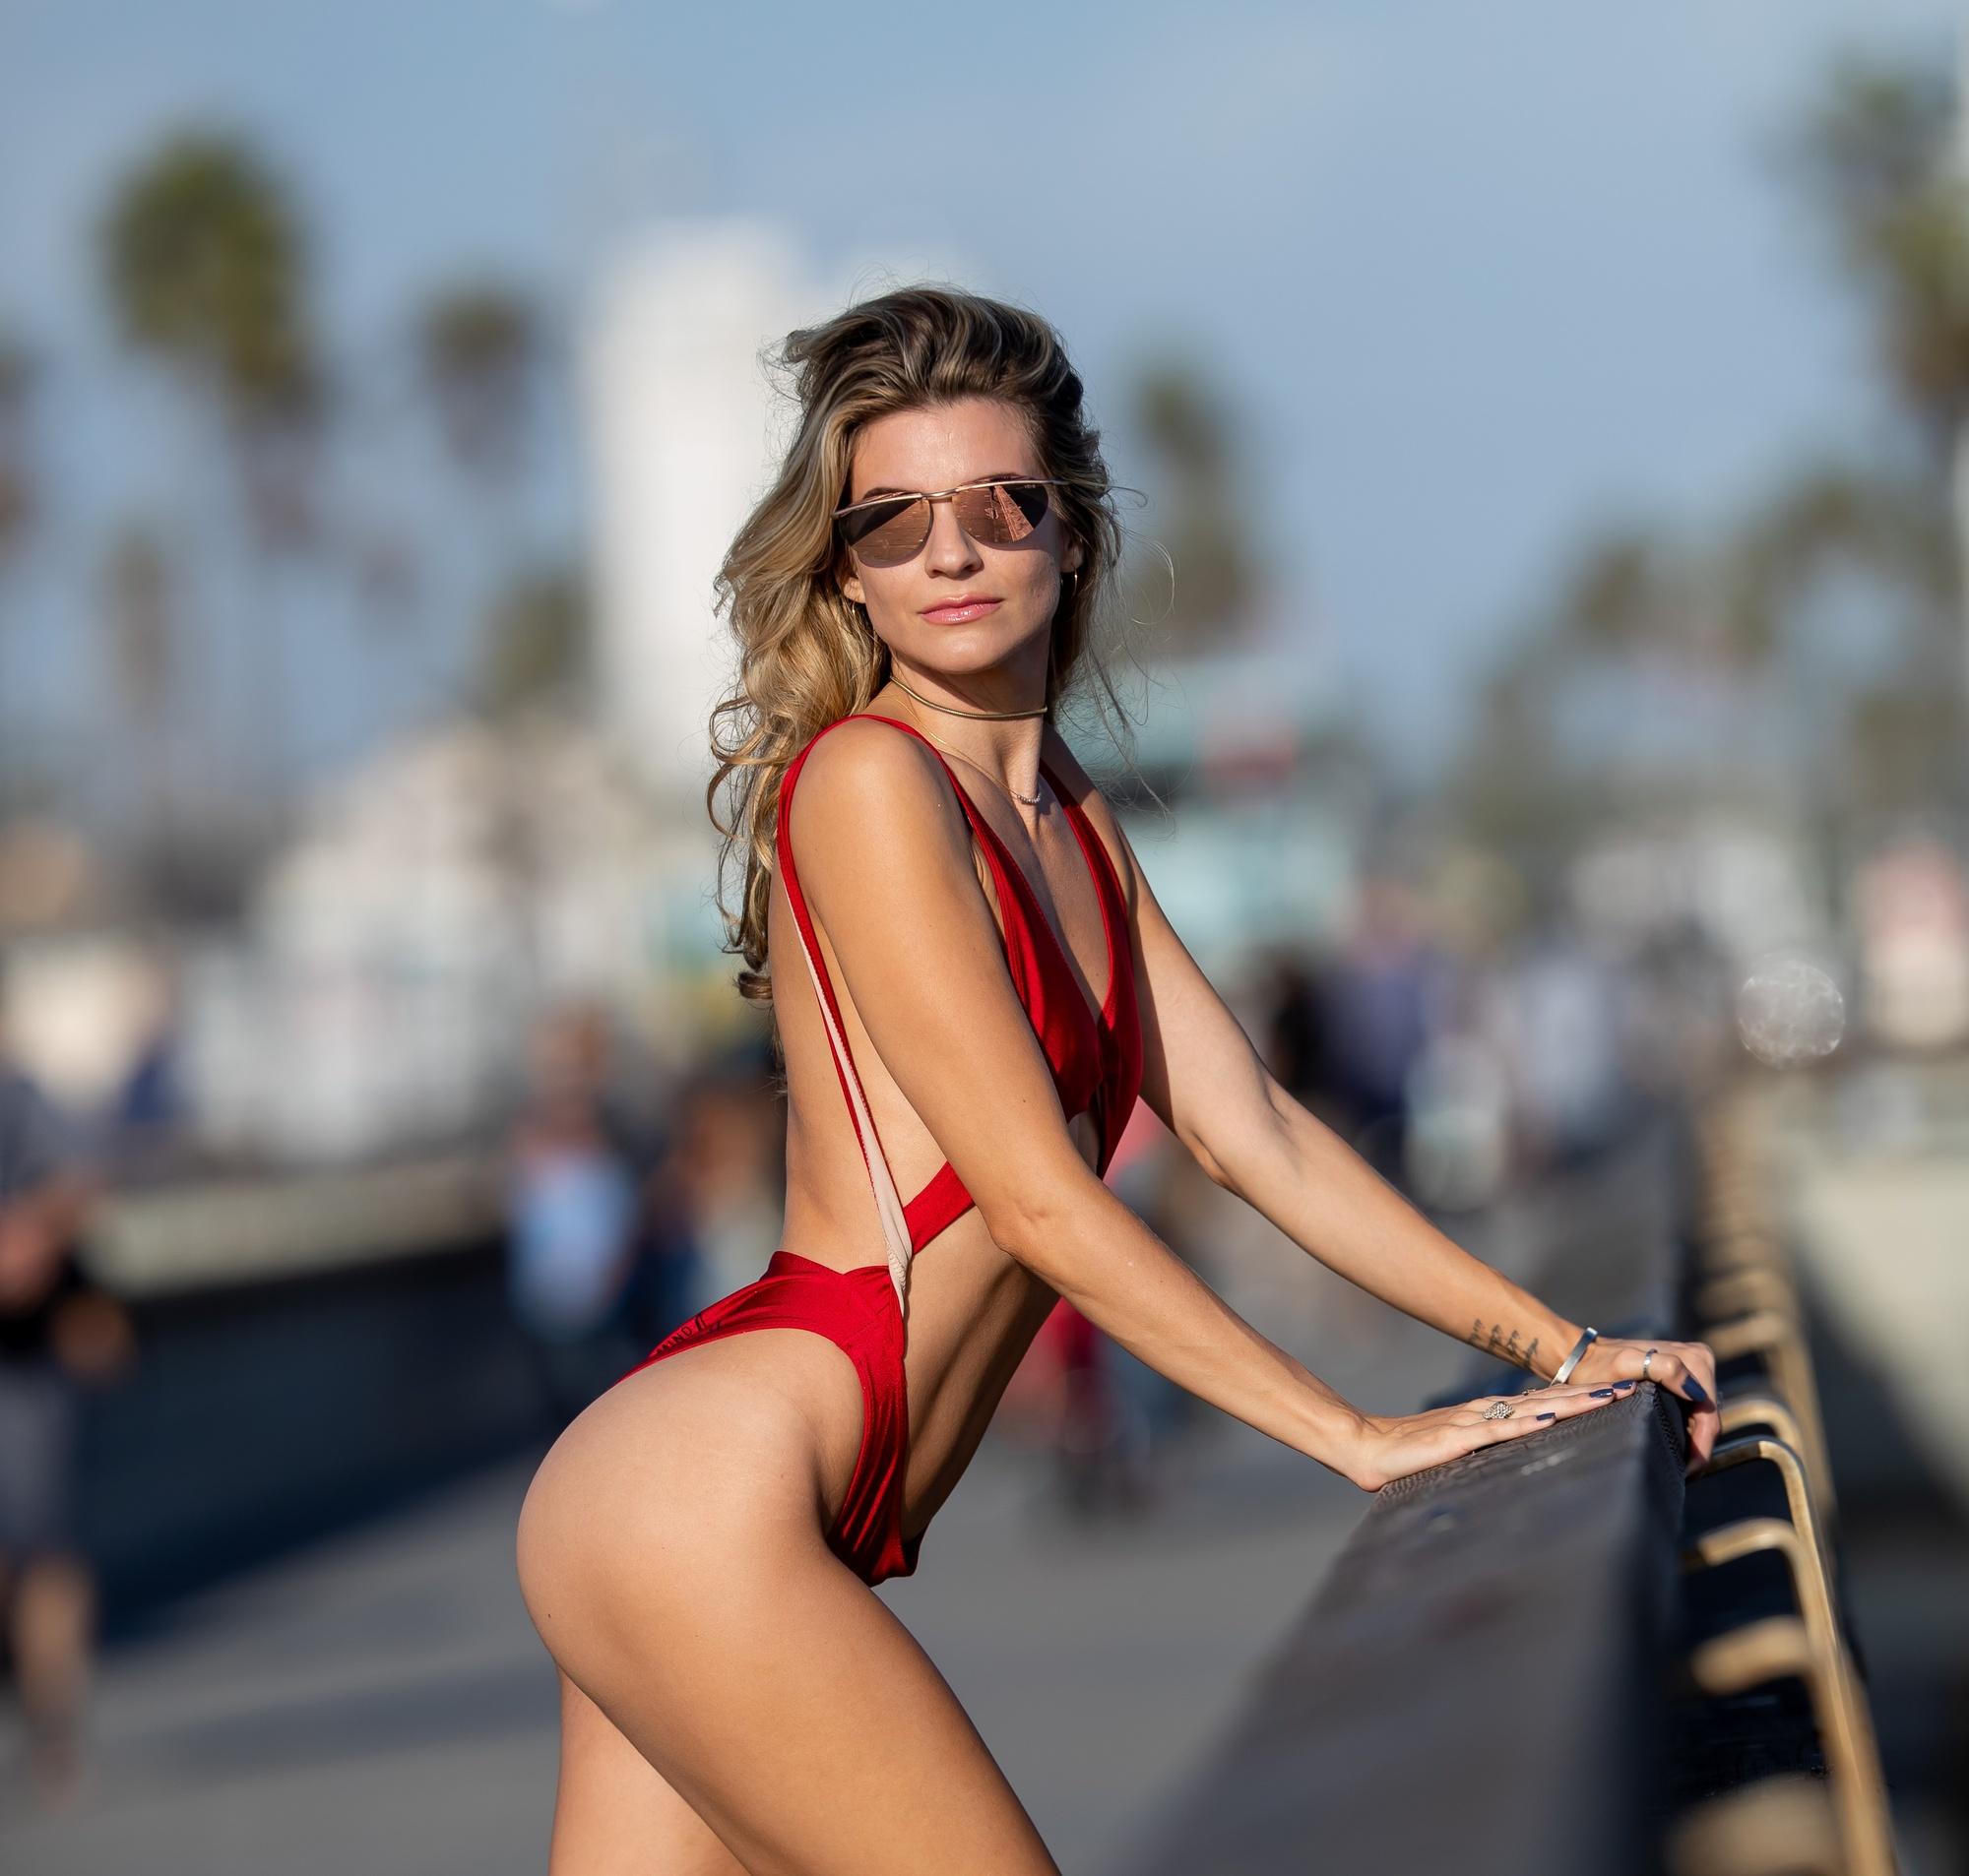 a8a1bde5b9c308 Rachel McCord pozuje w bardzo seksownym stroju kąpielowym. Co za ciało! -  Uroda